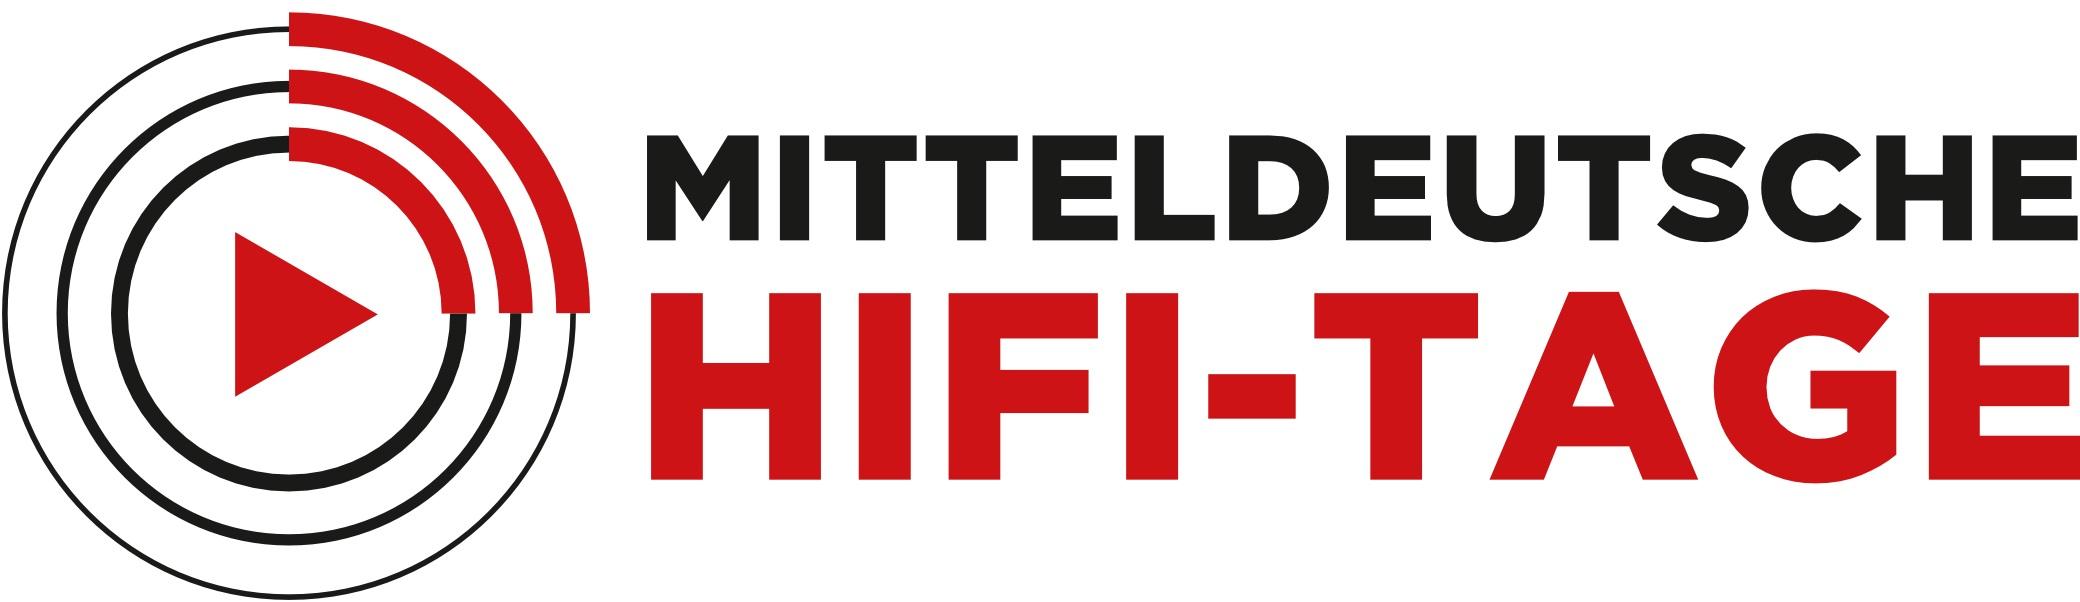 Mitteldeutsche HiFi-Tage (MDHT) Logo